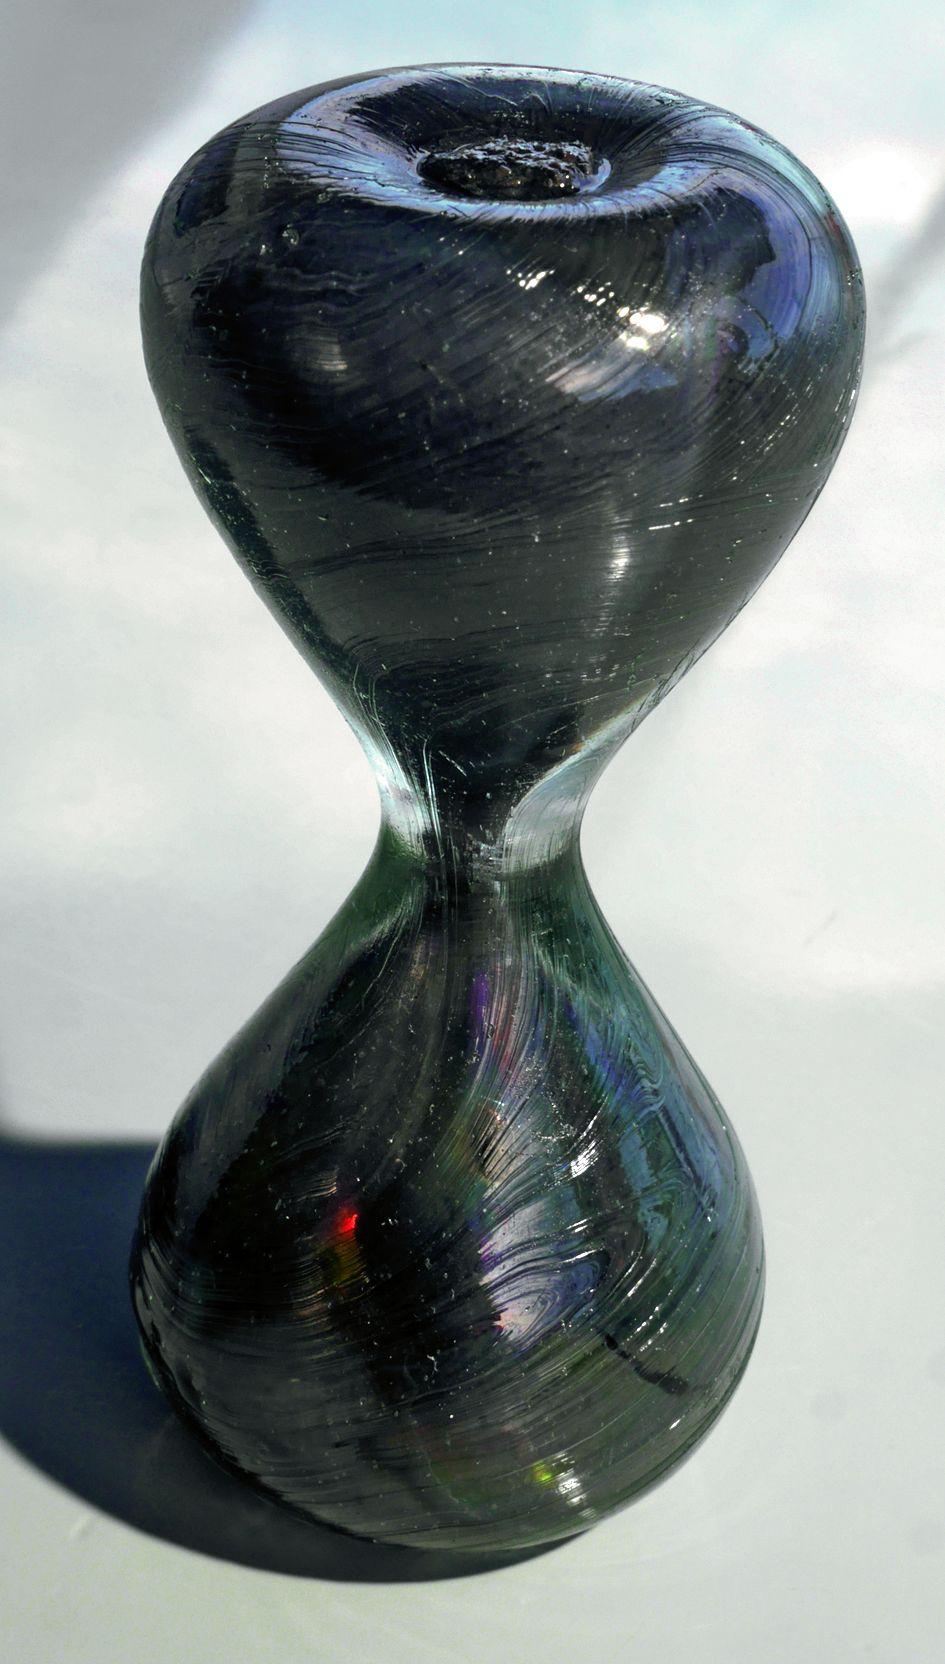 Le temps semble s'être arrêté dans ce sablier.